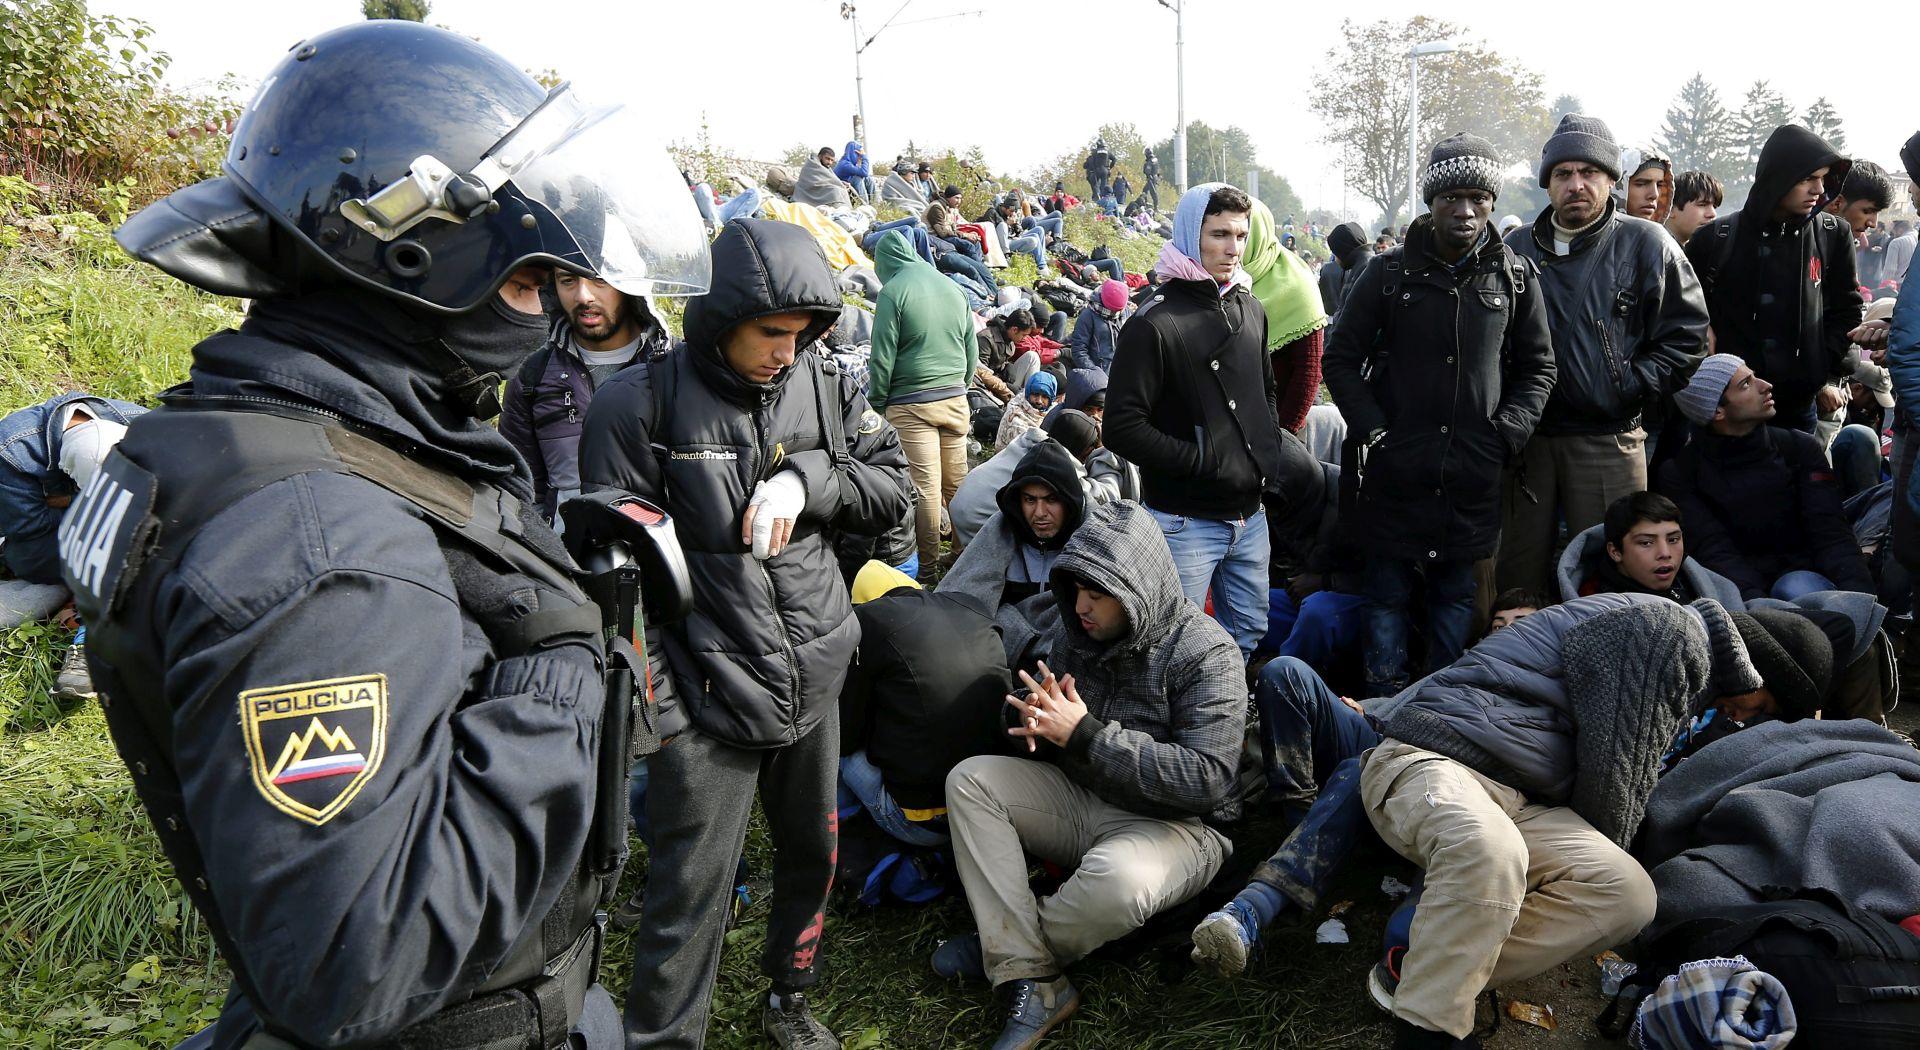 SLOVENIJA ANGAŽIRA UMIROVLJENE POLICAJCE; MUP: U Grčkoj će se razdvajati ekonomski migranti od stvarnih izbjeglica